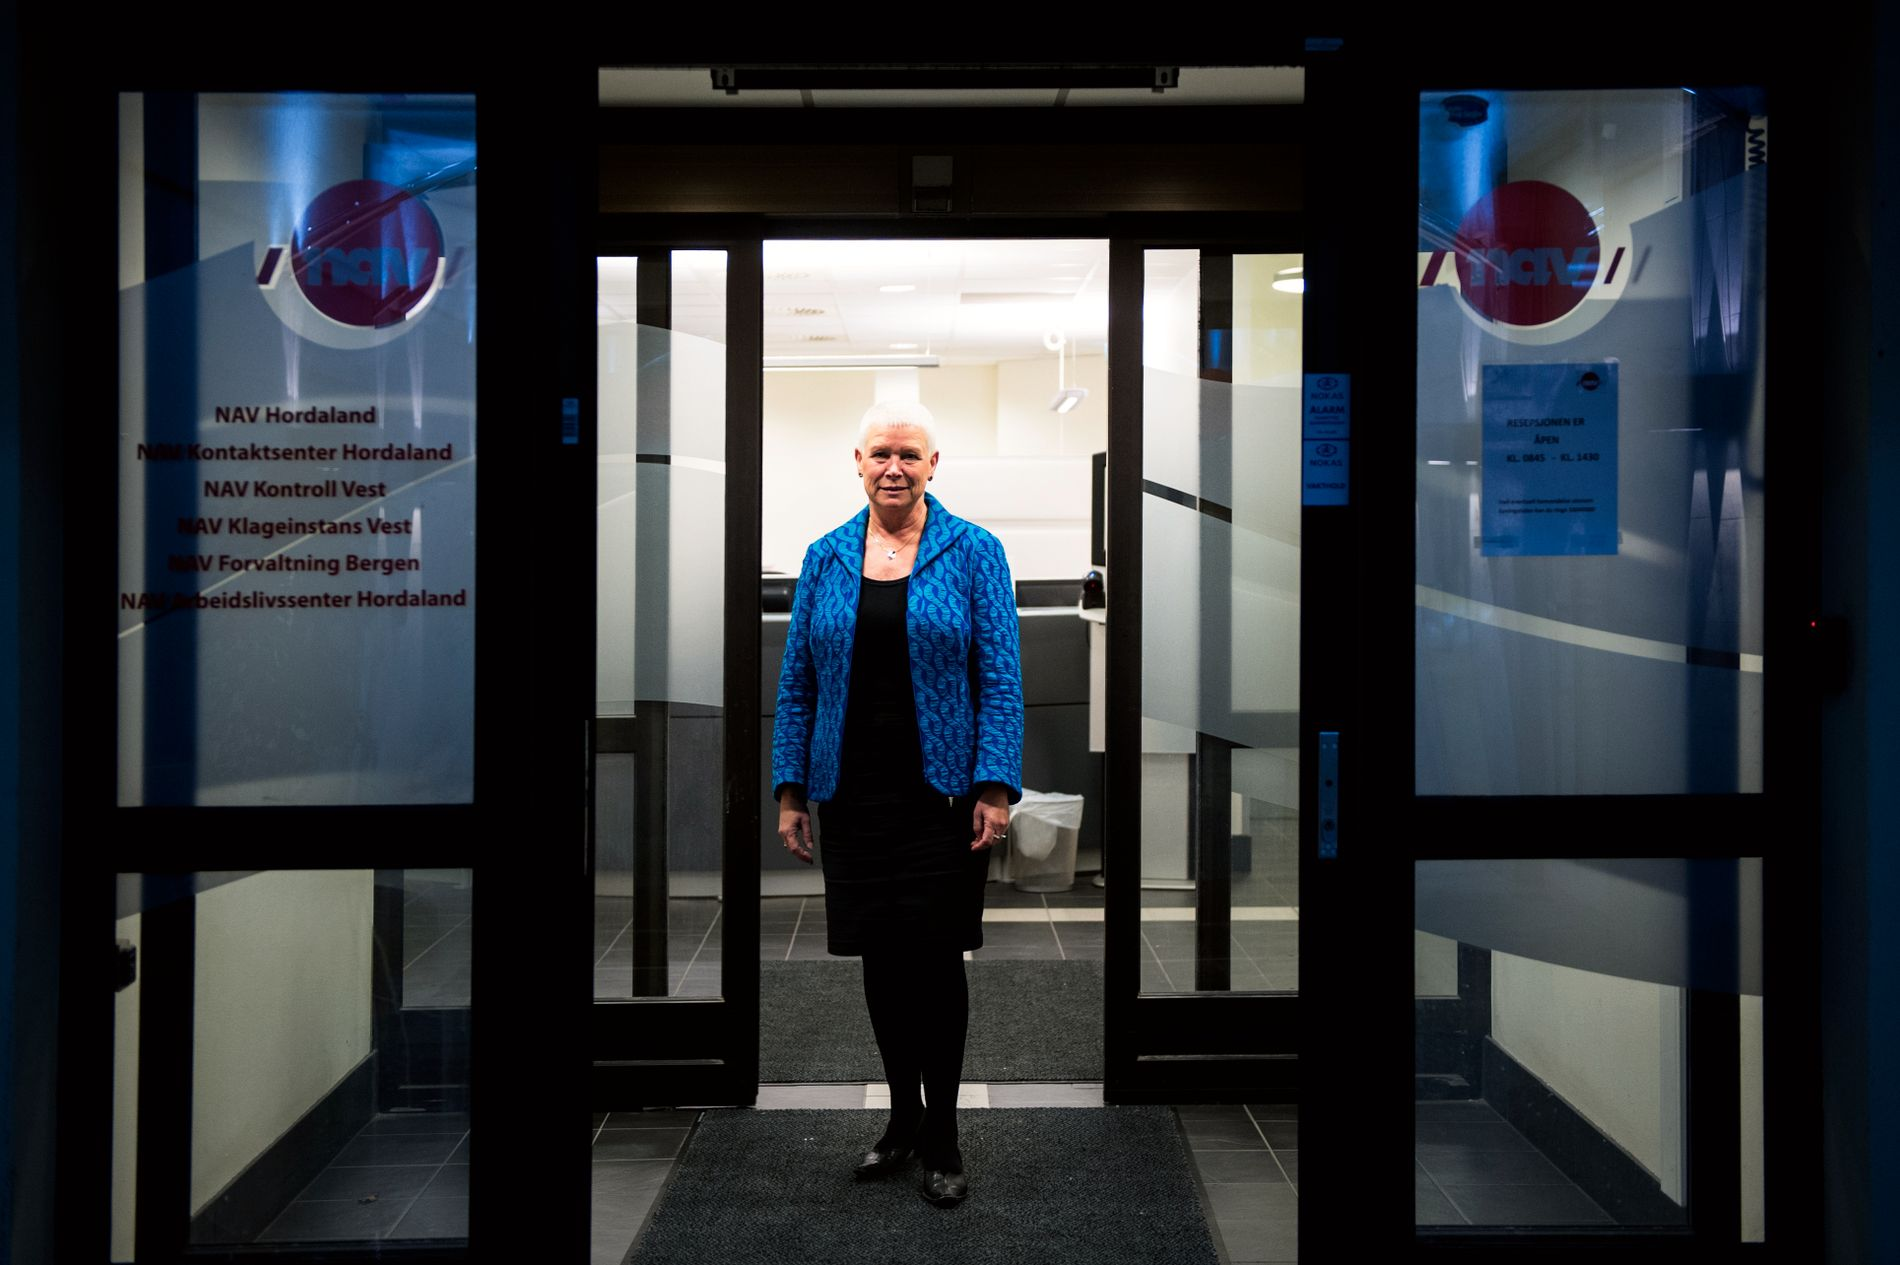 - FLERE UTEN JOBB: - Ledigheten er fortsatt lav, men de som er arbeidsledig går lengre tid uten jobb, og vi forventer at ledigheten vil gå noe opp i løpet av året, sier fylkesdirektør Anne Kverneland Bogsnes i Nav.